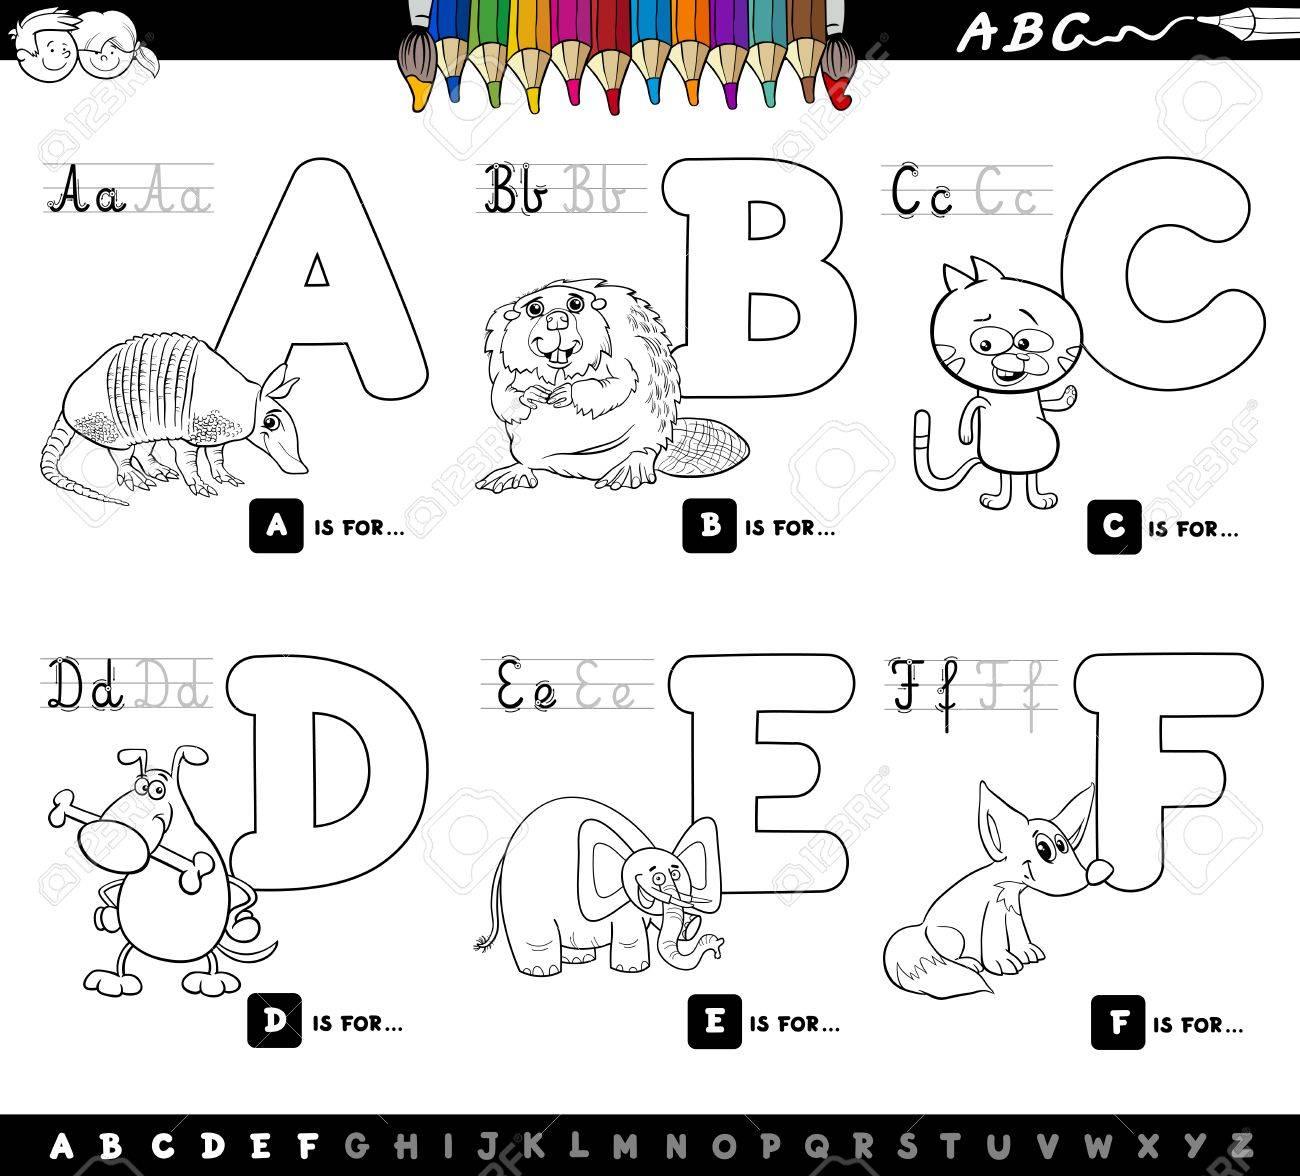 Ilustración De Dibujos Animados En Blanco Y Negro Del Alfabeto De Letras Mayúsculas Con Personajes Animales Para Leer Y Escribir Educación Para